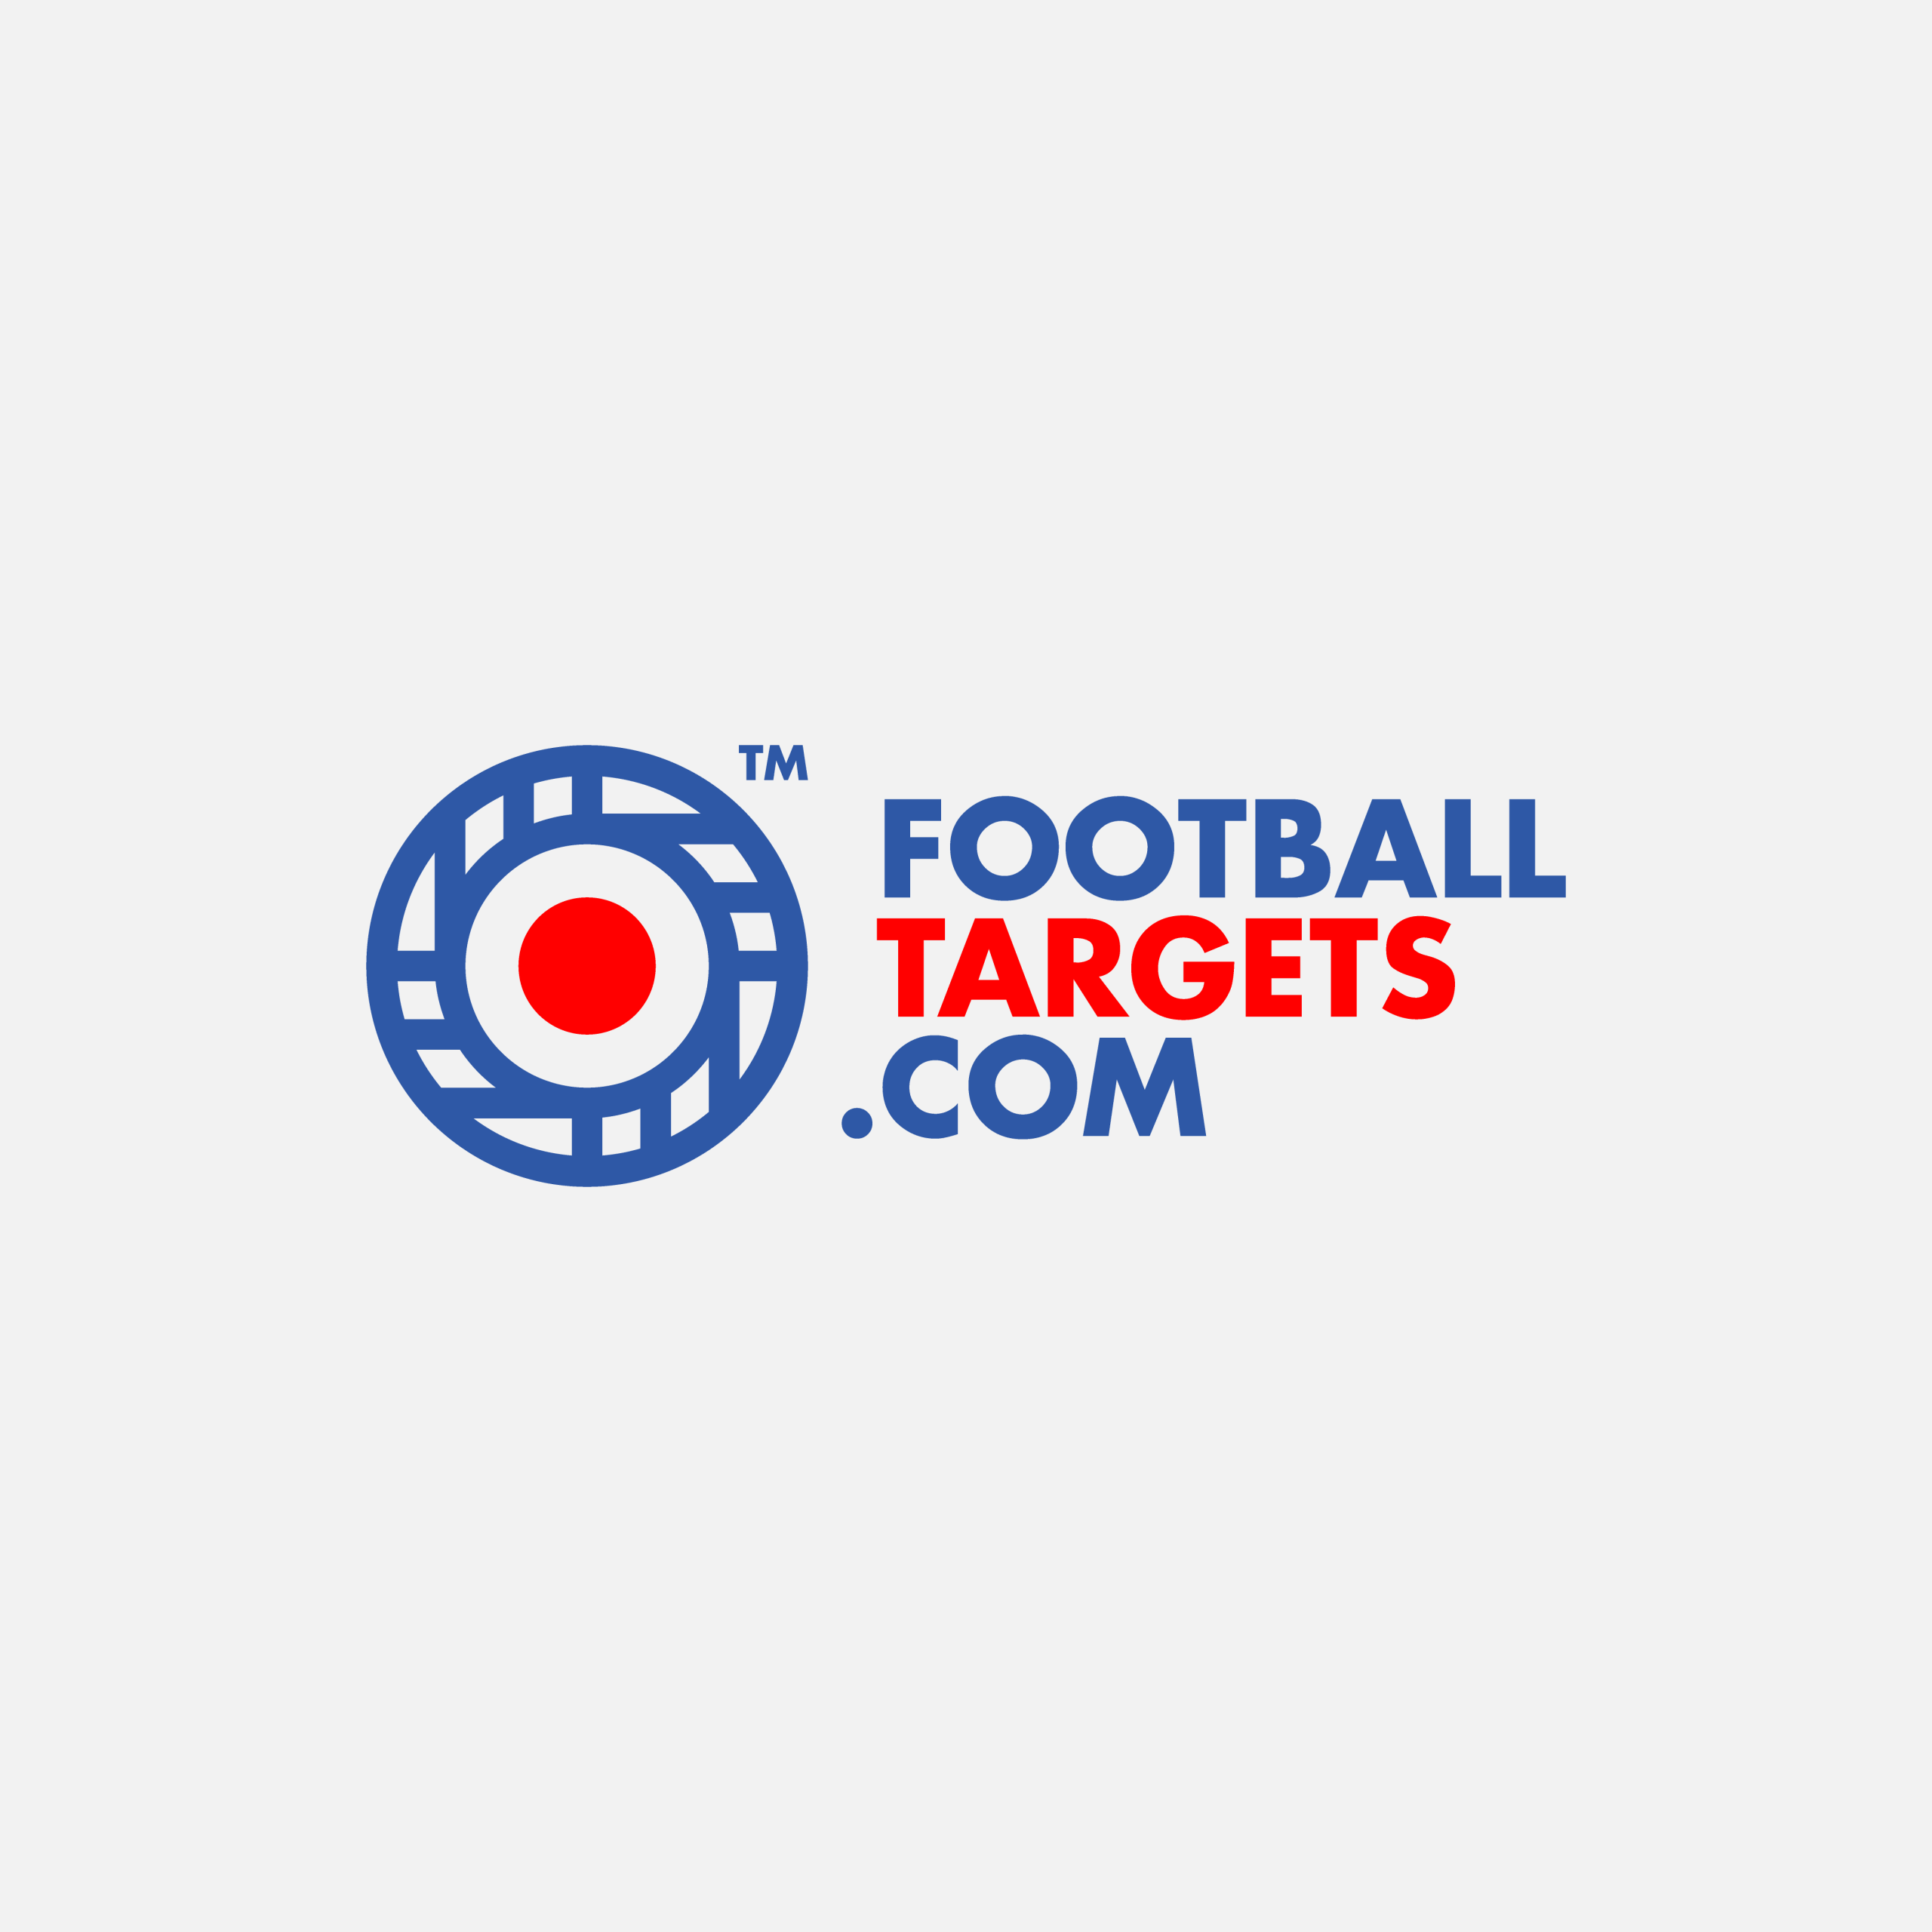 Footballtargets.com